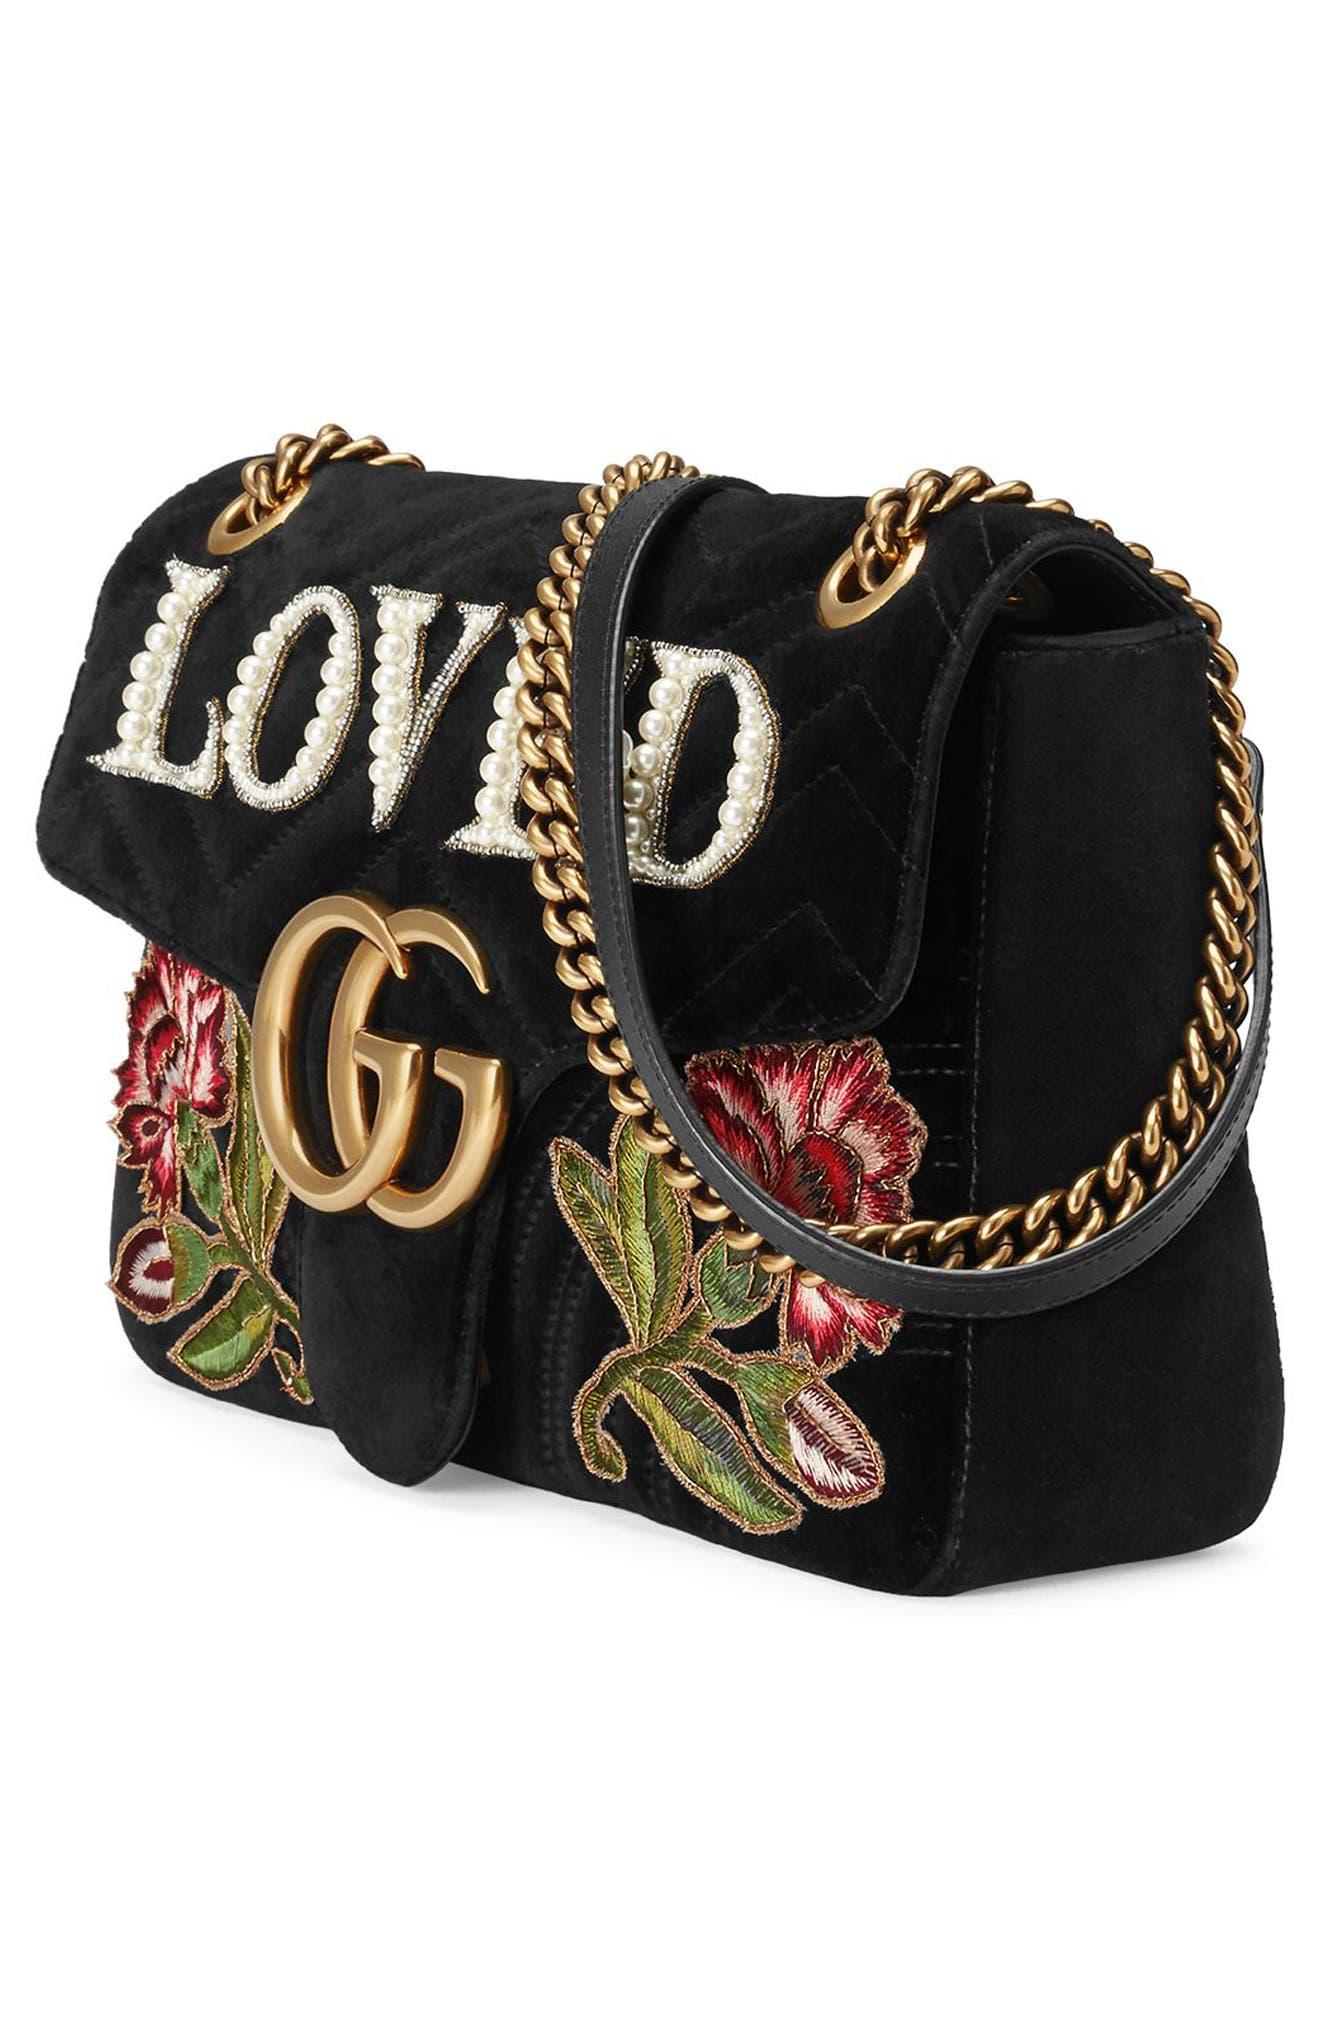 GG Marmont Loved Velvet Shoulder Bag,                             Alternate thumbnail 4, color,                             Nero Multi